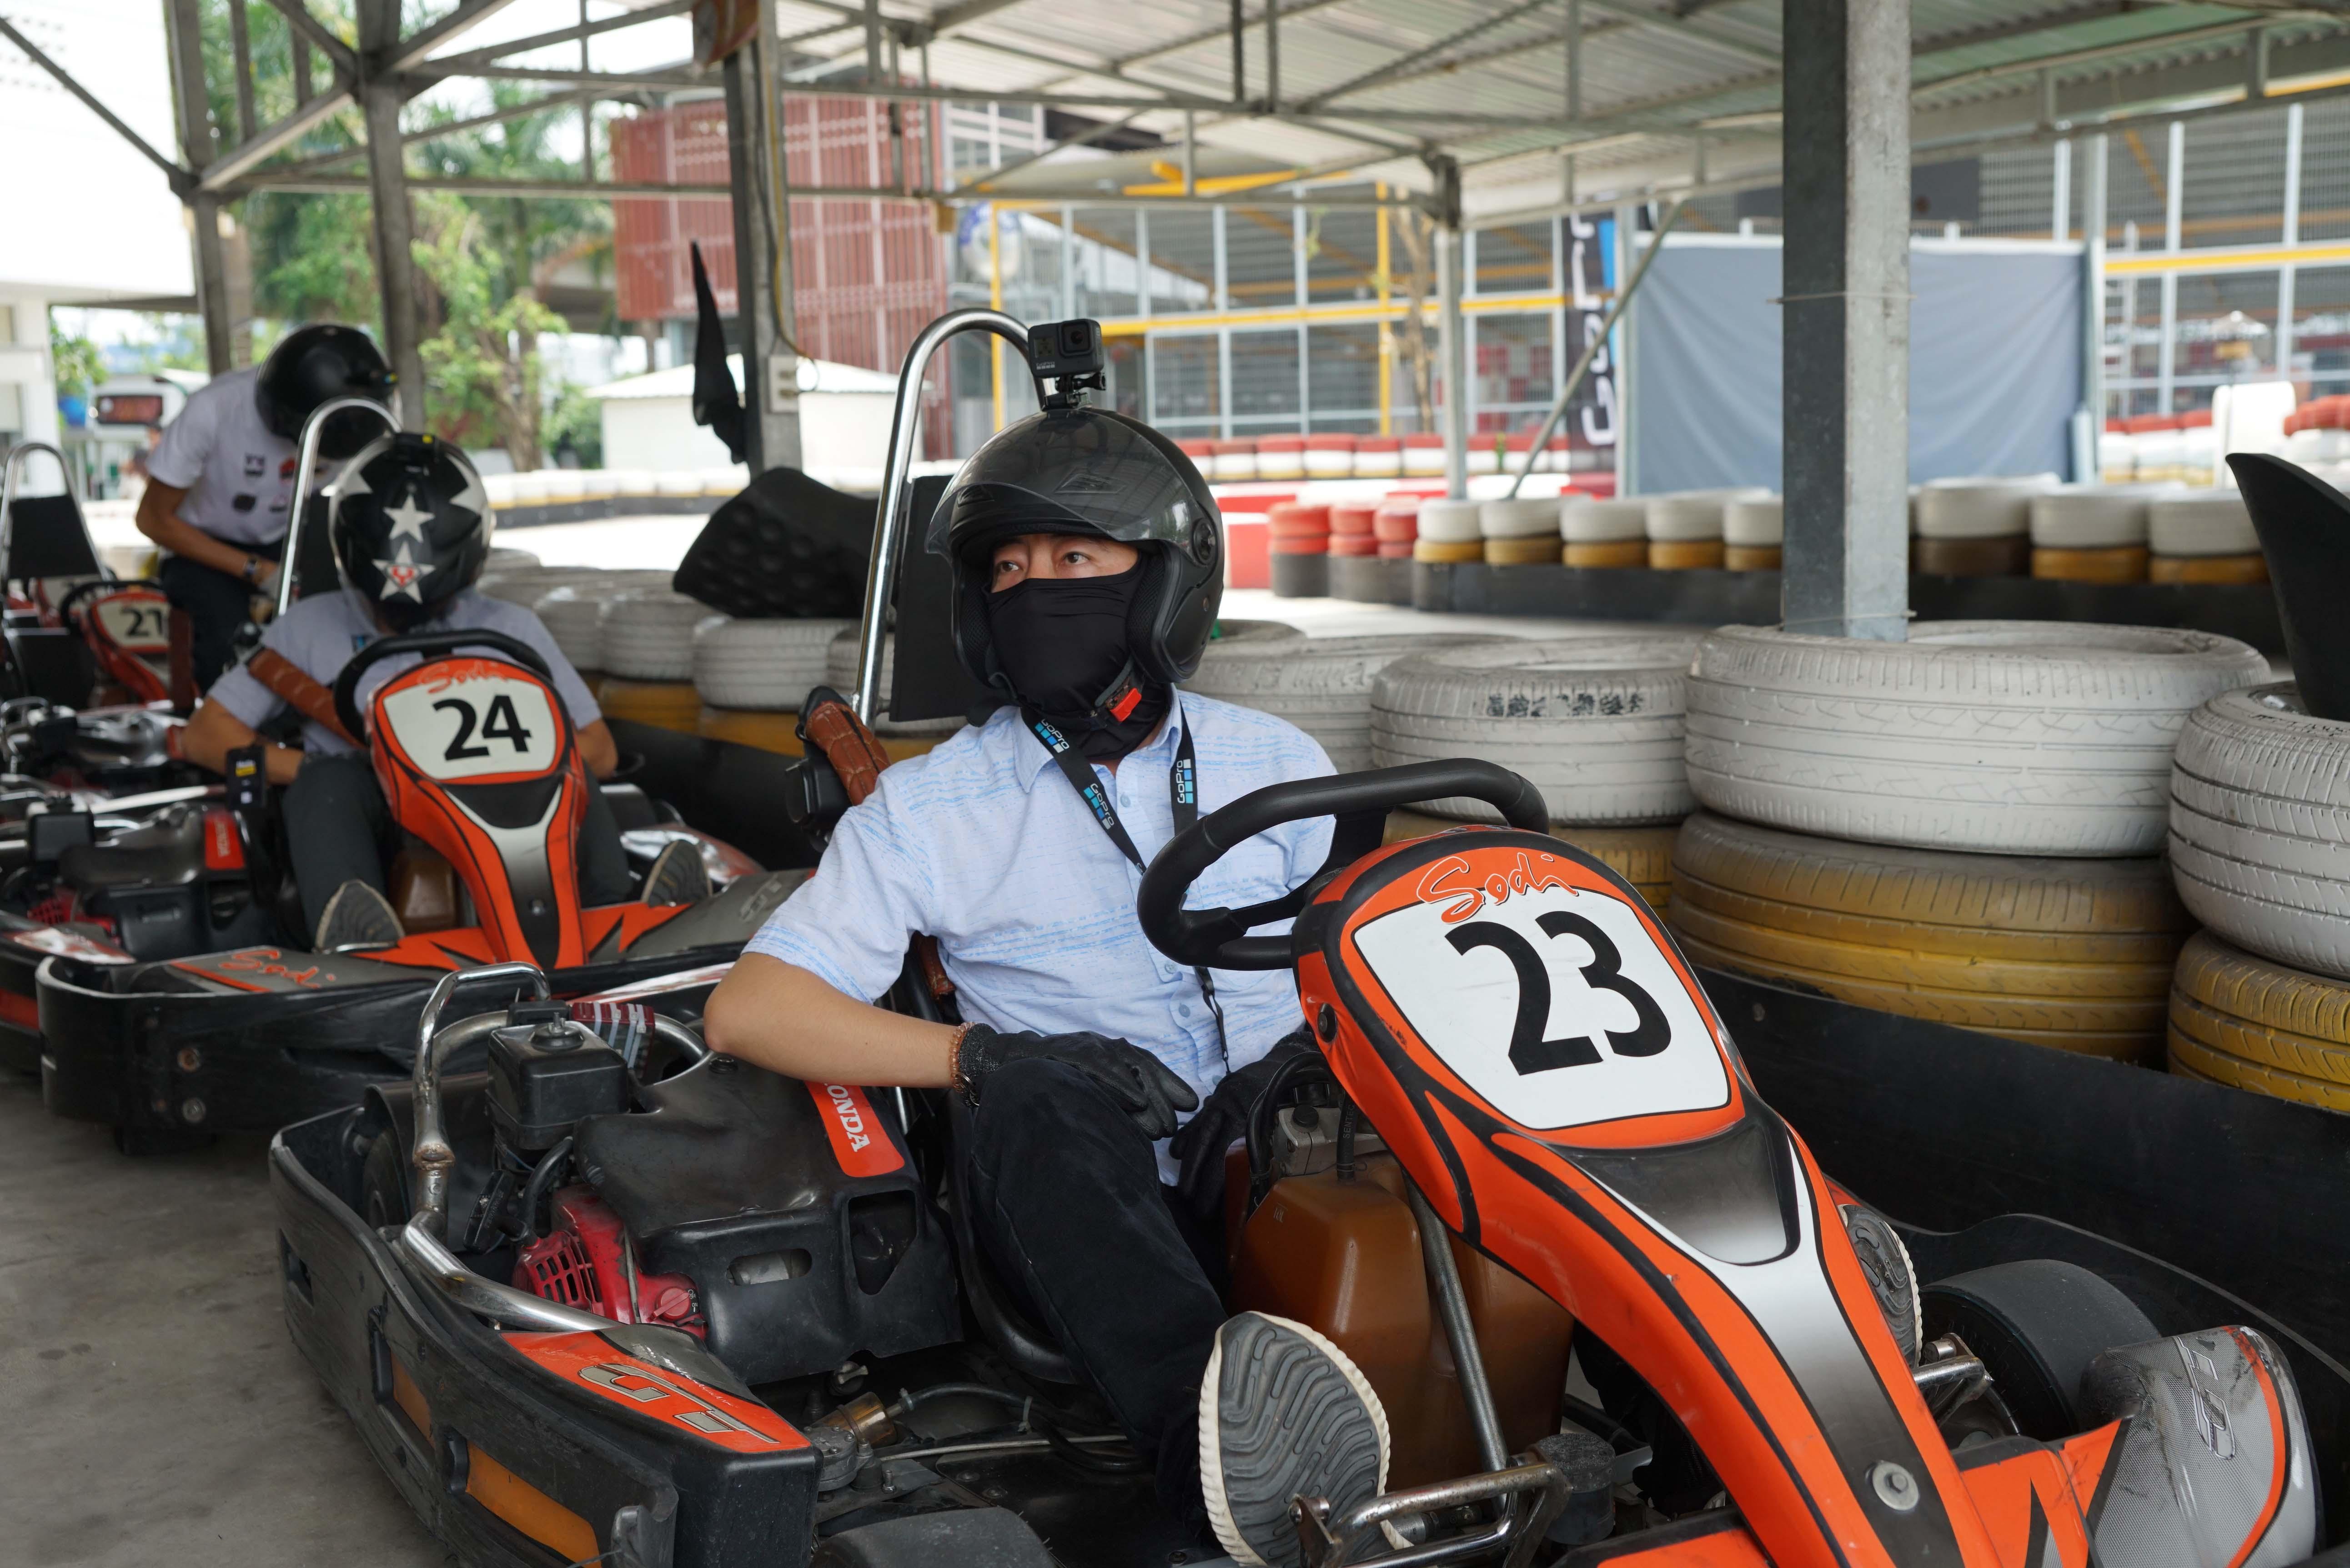 Cuối tuần, giới trẻ Sài Gòn rủ nhau đi đua xe Go-Kart Ảnh 4